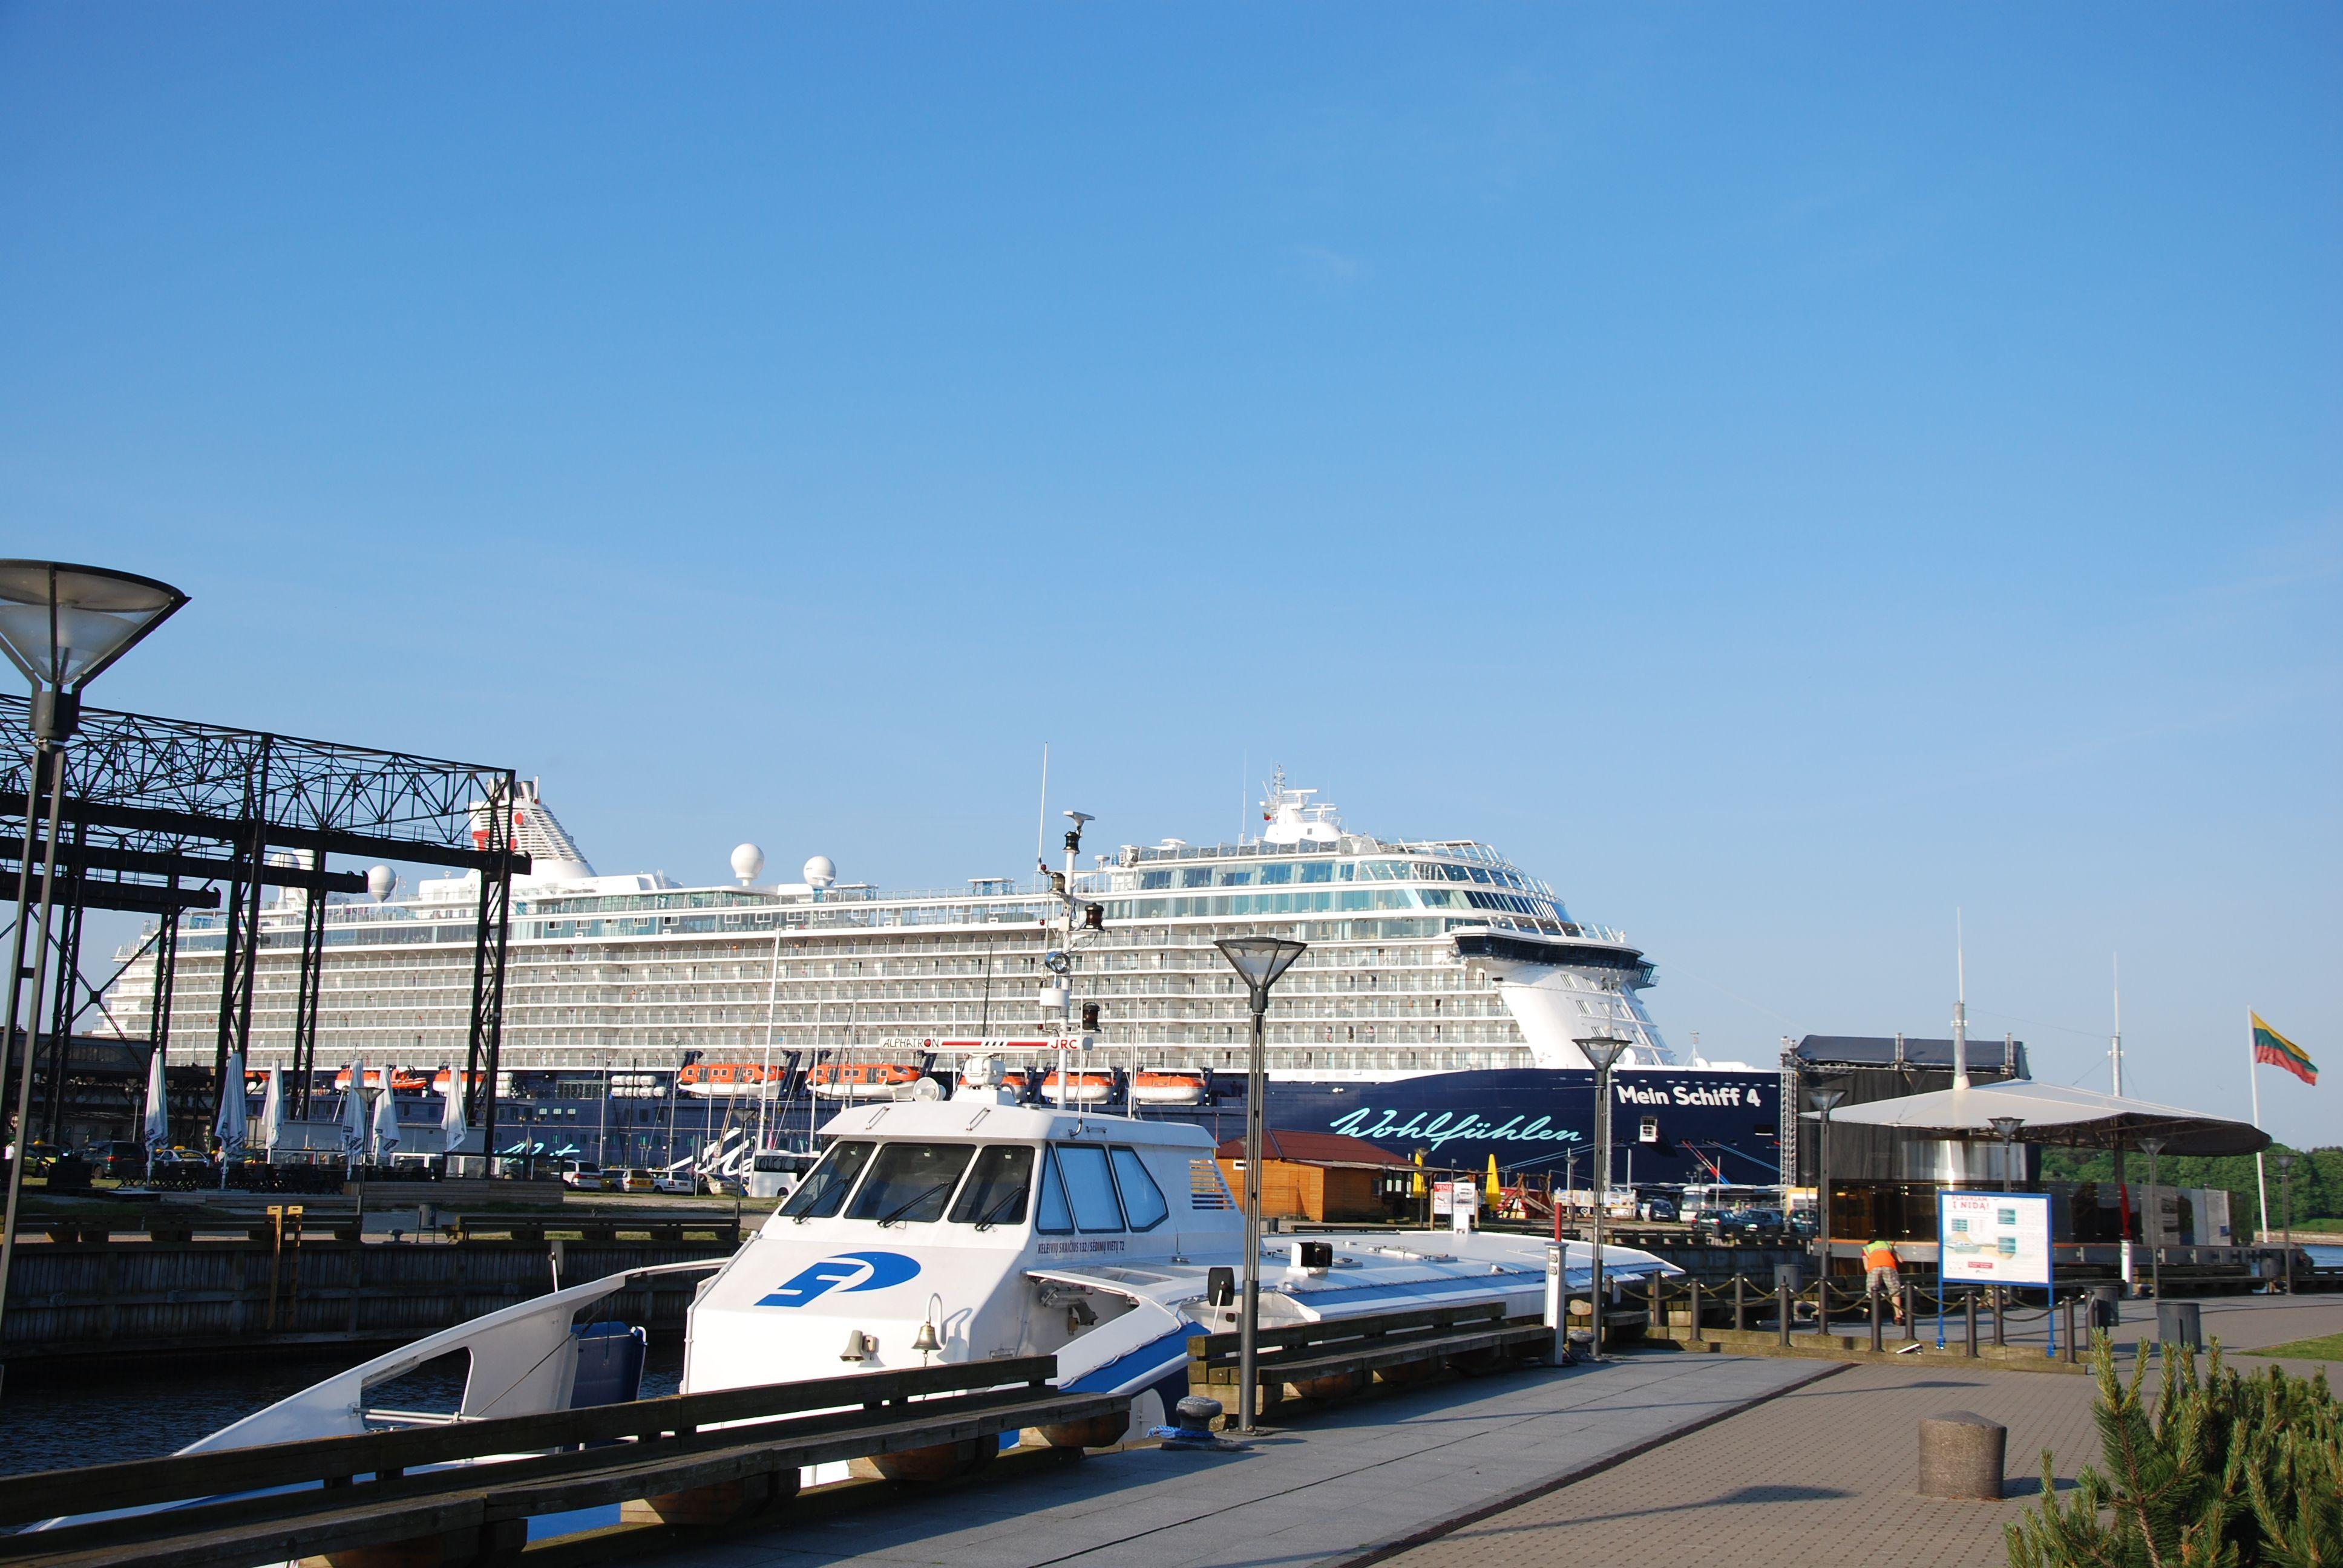 Klaipėdoje vienu metu lankosi trys kruiziniai laivai